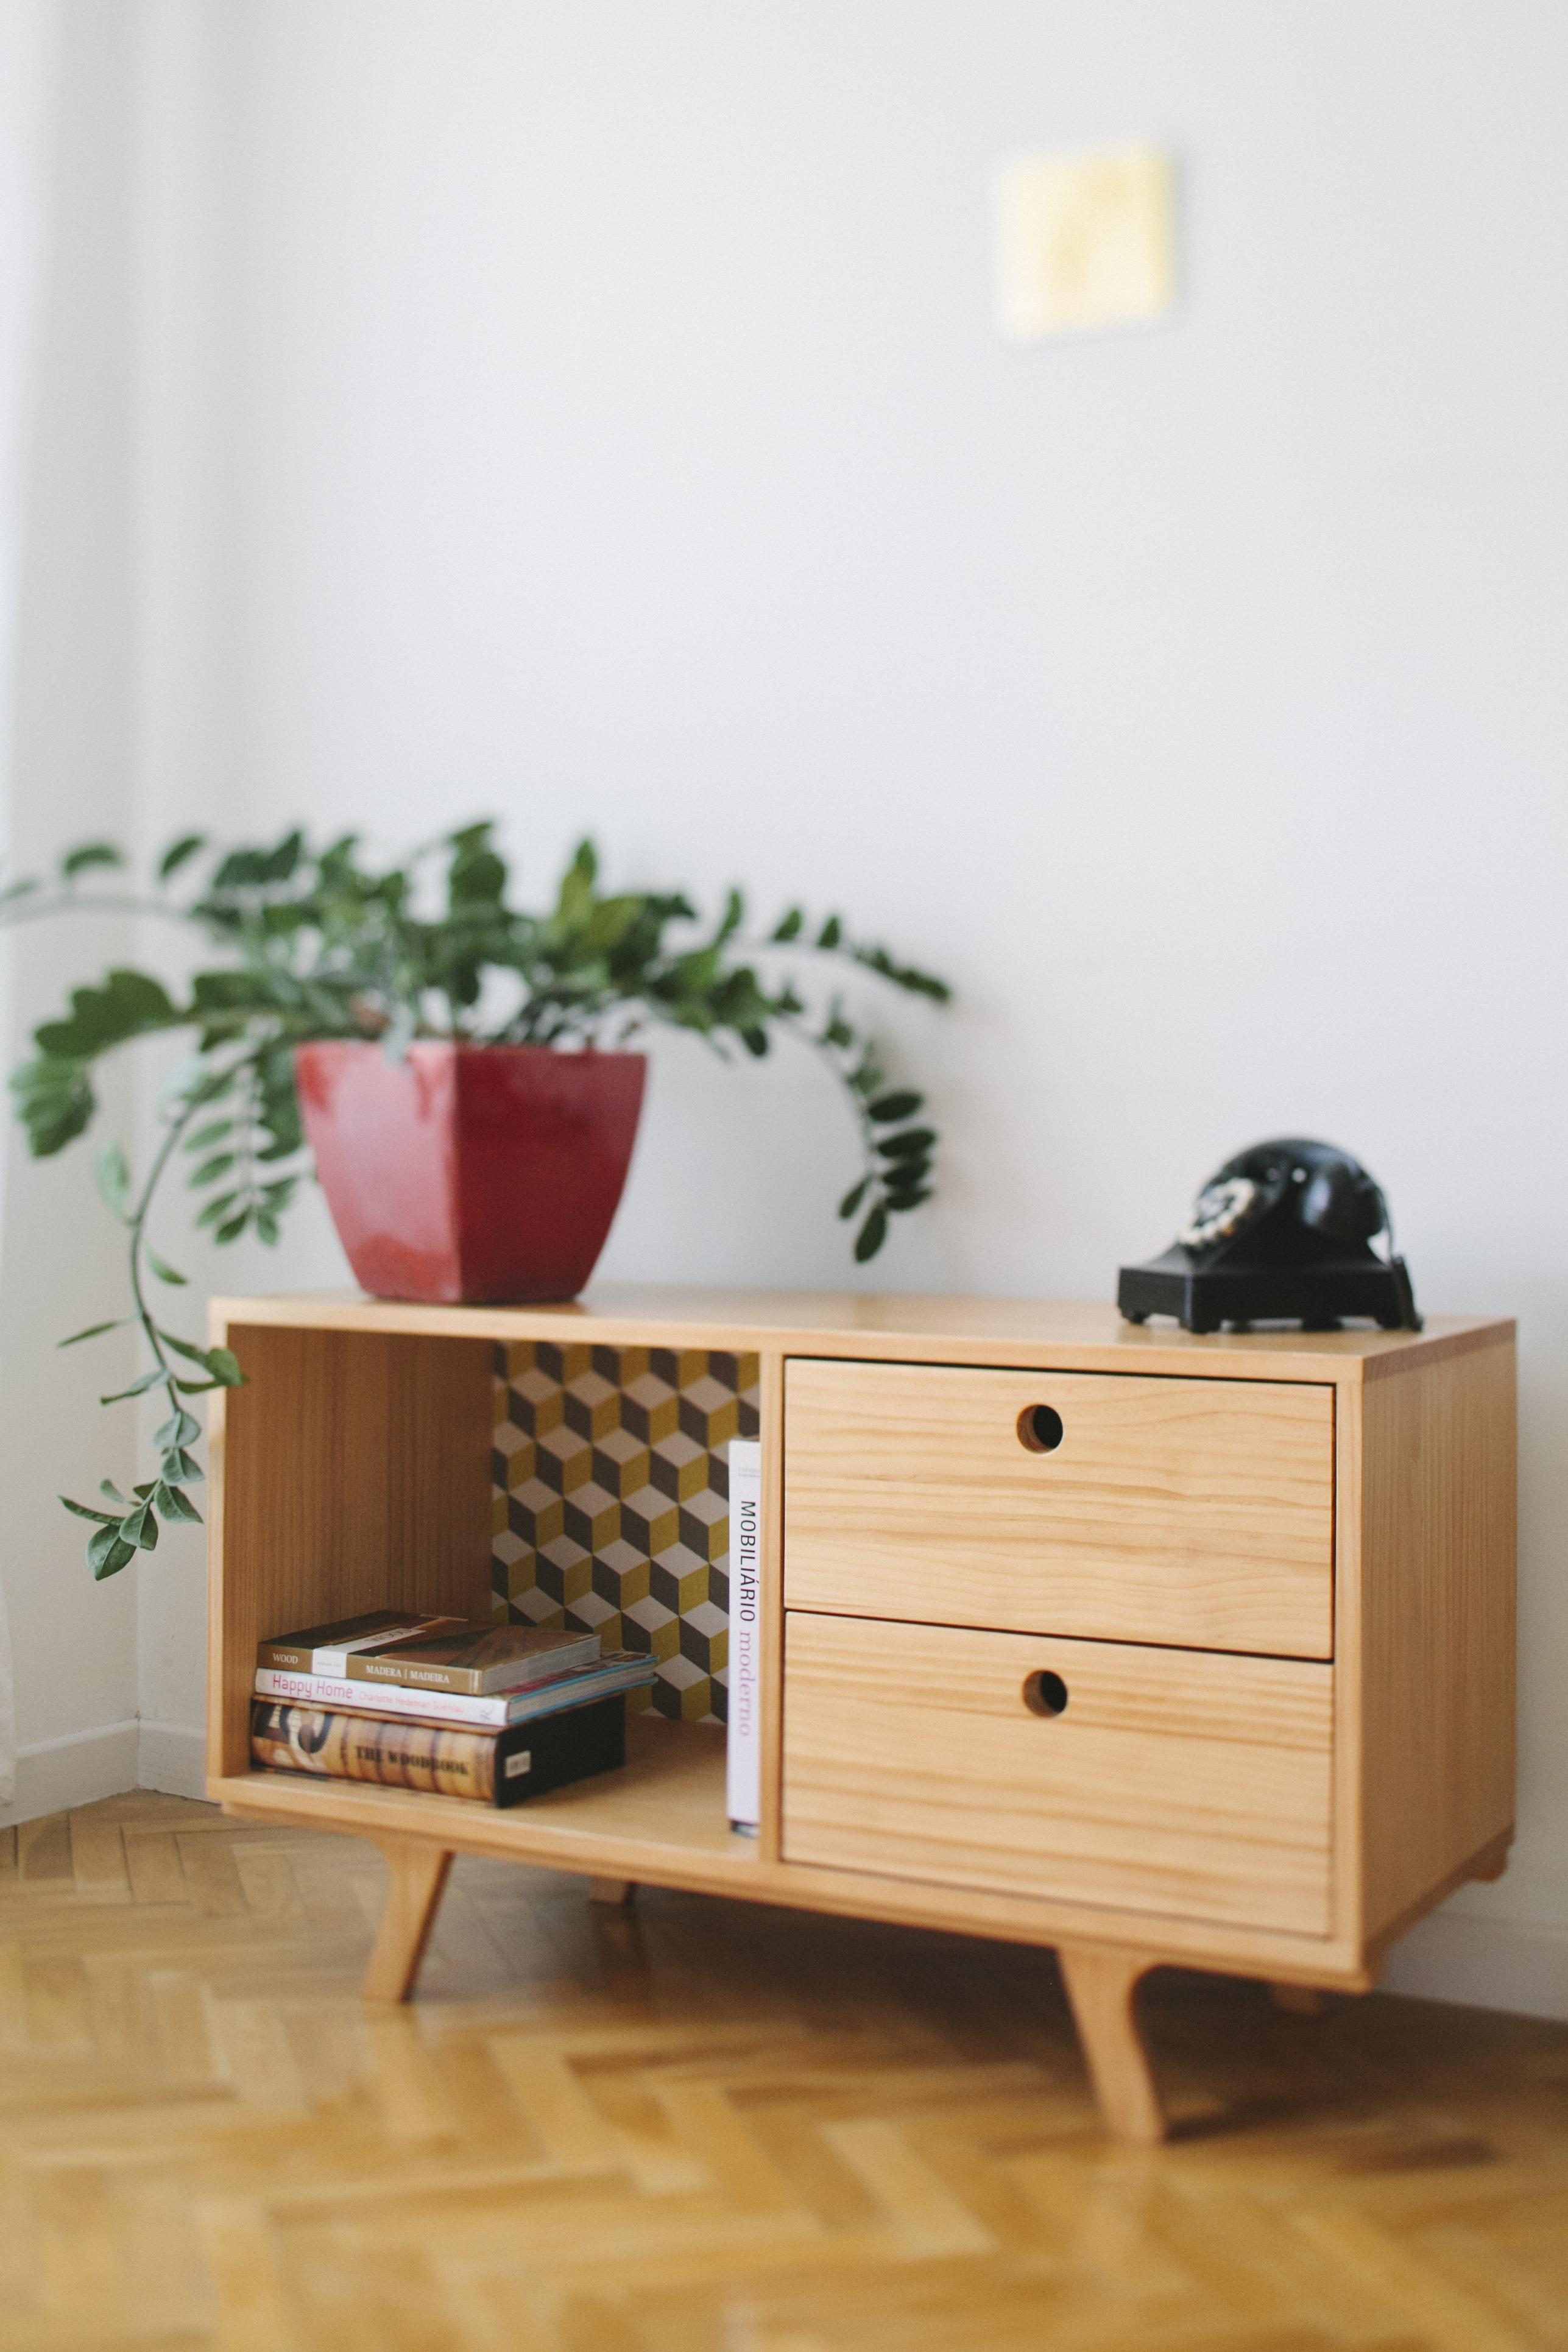 Tela Y Madera Picapino # Muebles Roqueros